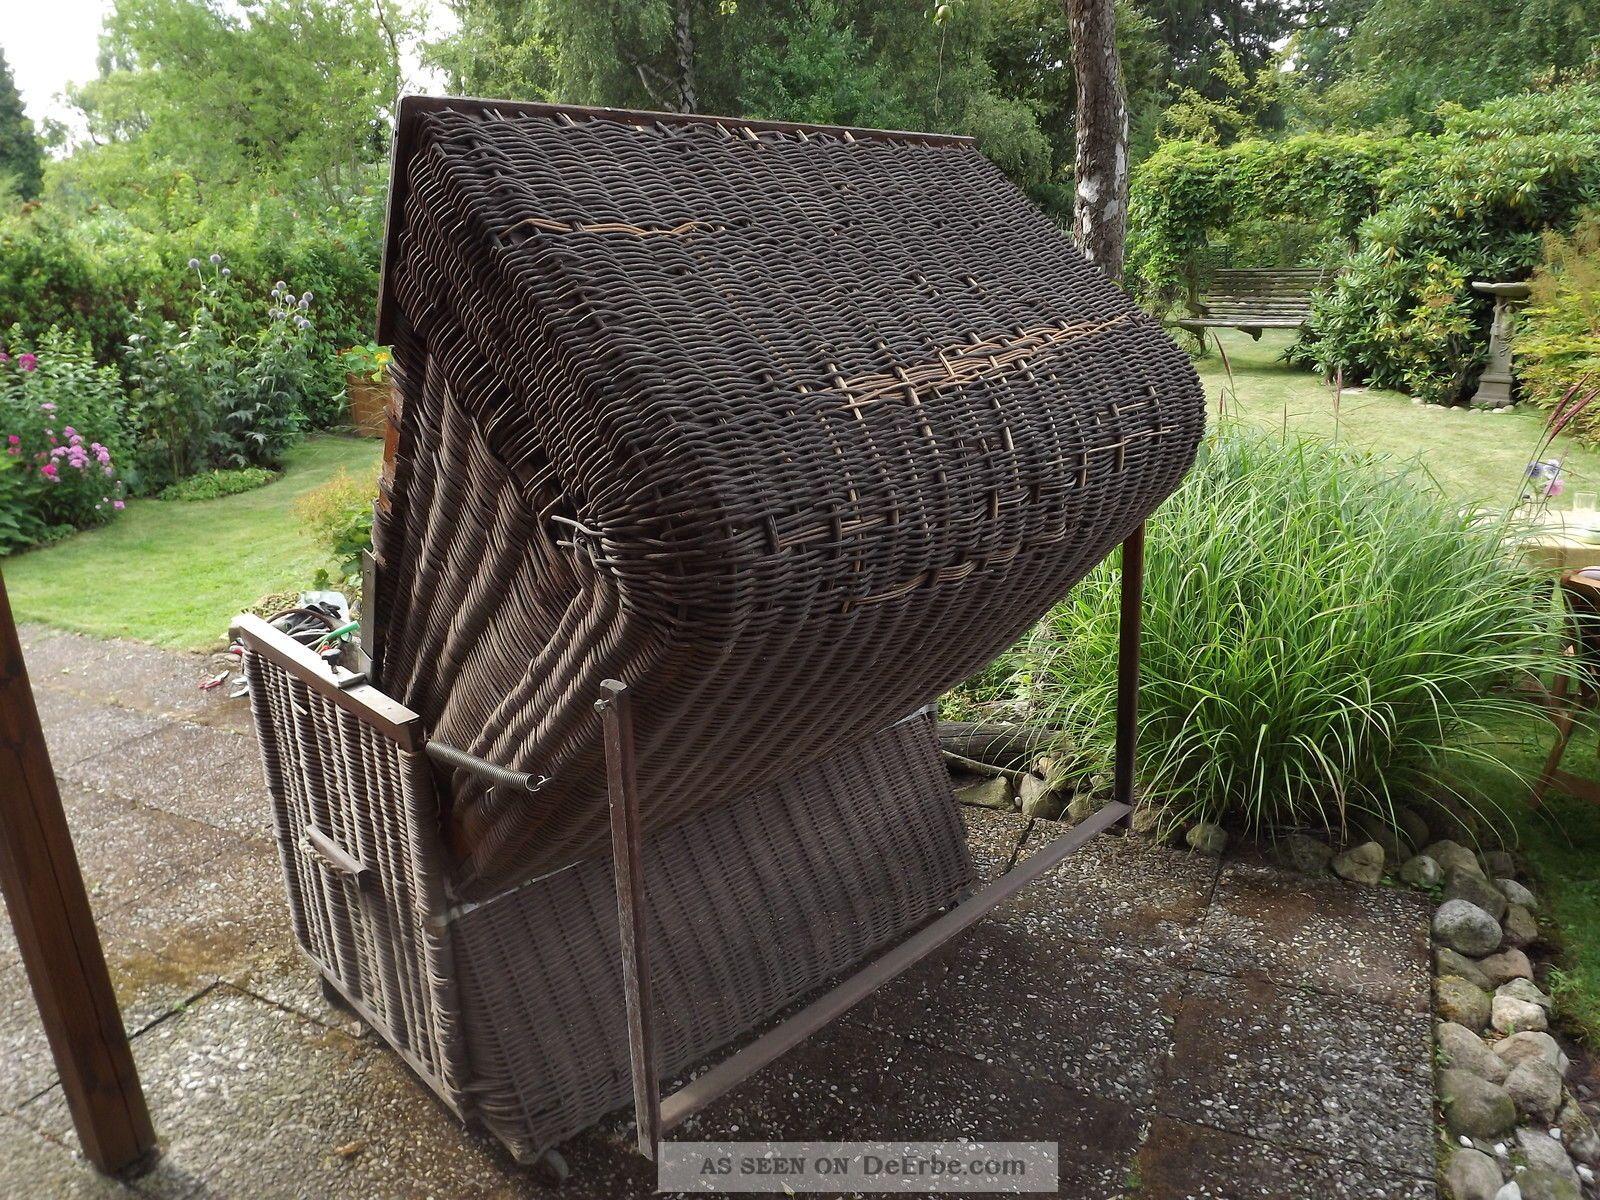 antik garten gro er weiden strandkorb auf rollen herbstpreis 88 88eur. Black Bedroom Furniture Sets. Home Design Ideas